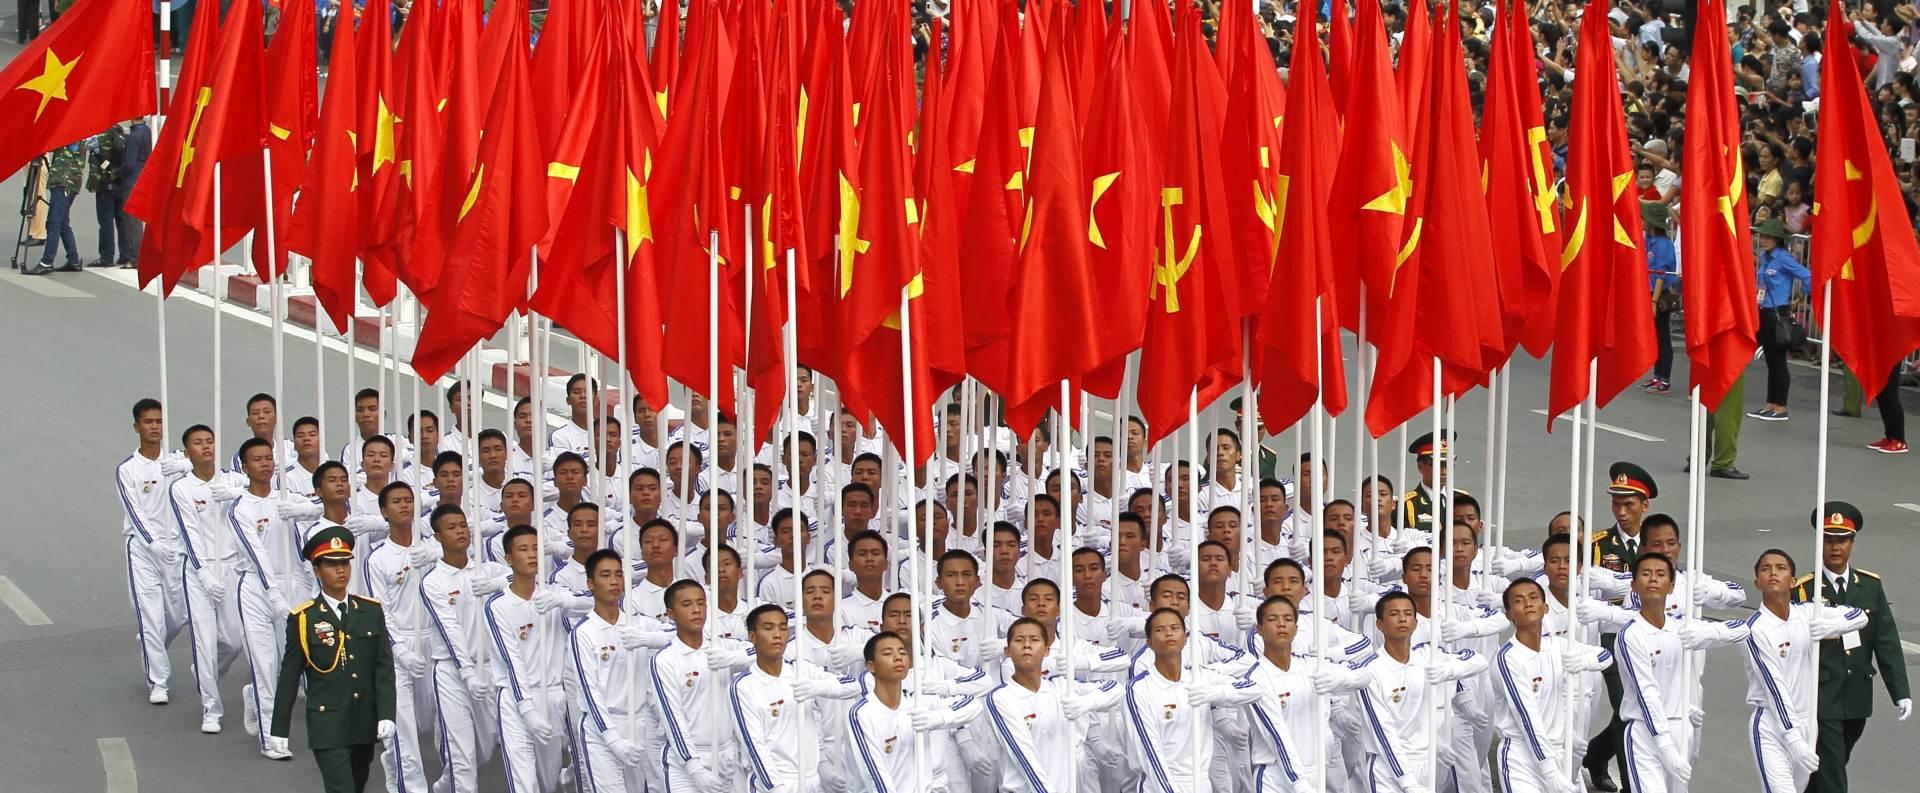 70 GODINA NEOVISNOSTI: Vijetnam održao vojnu paradu